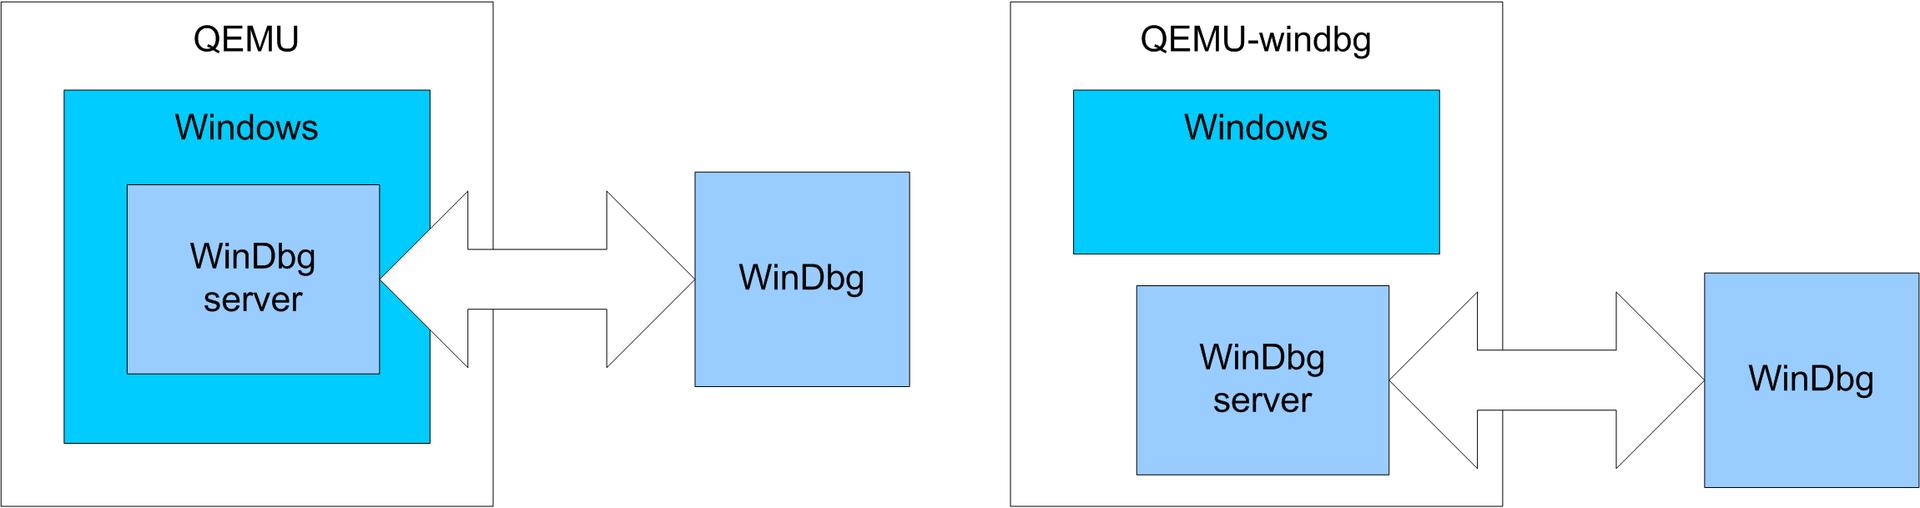 Как удалённо отлаживать через WinDbg не включая отладочный режим Windows - 4